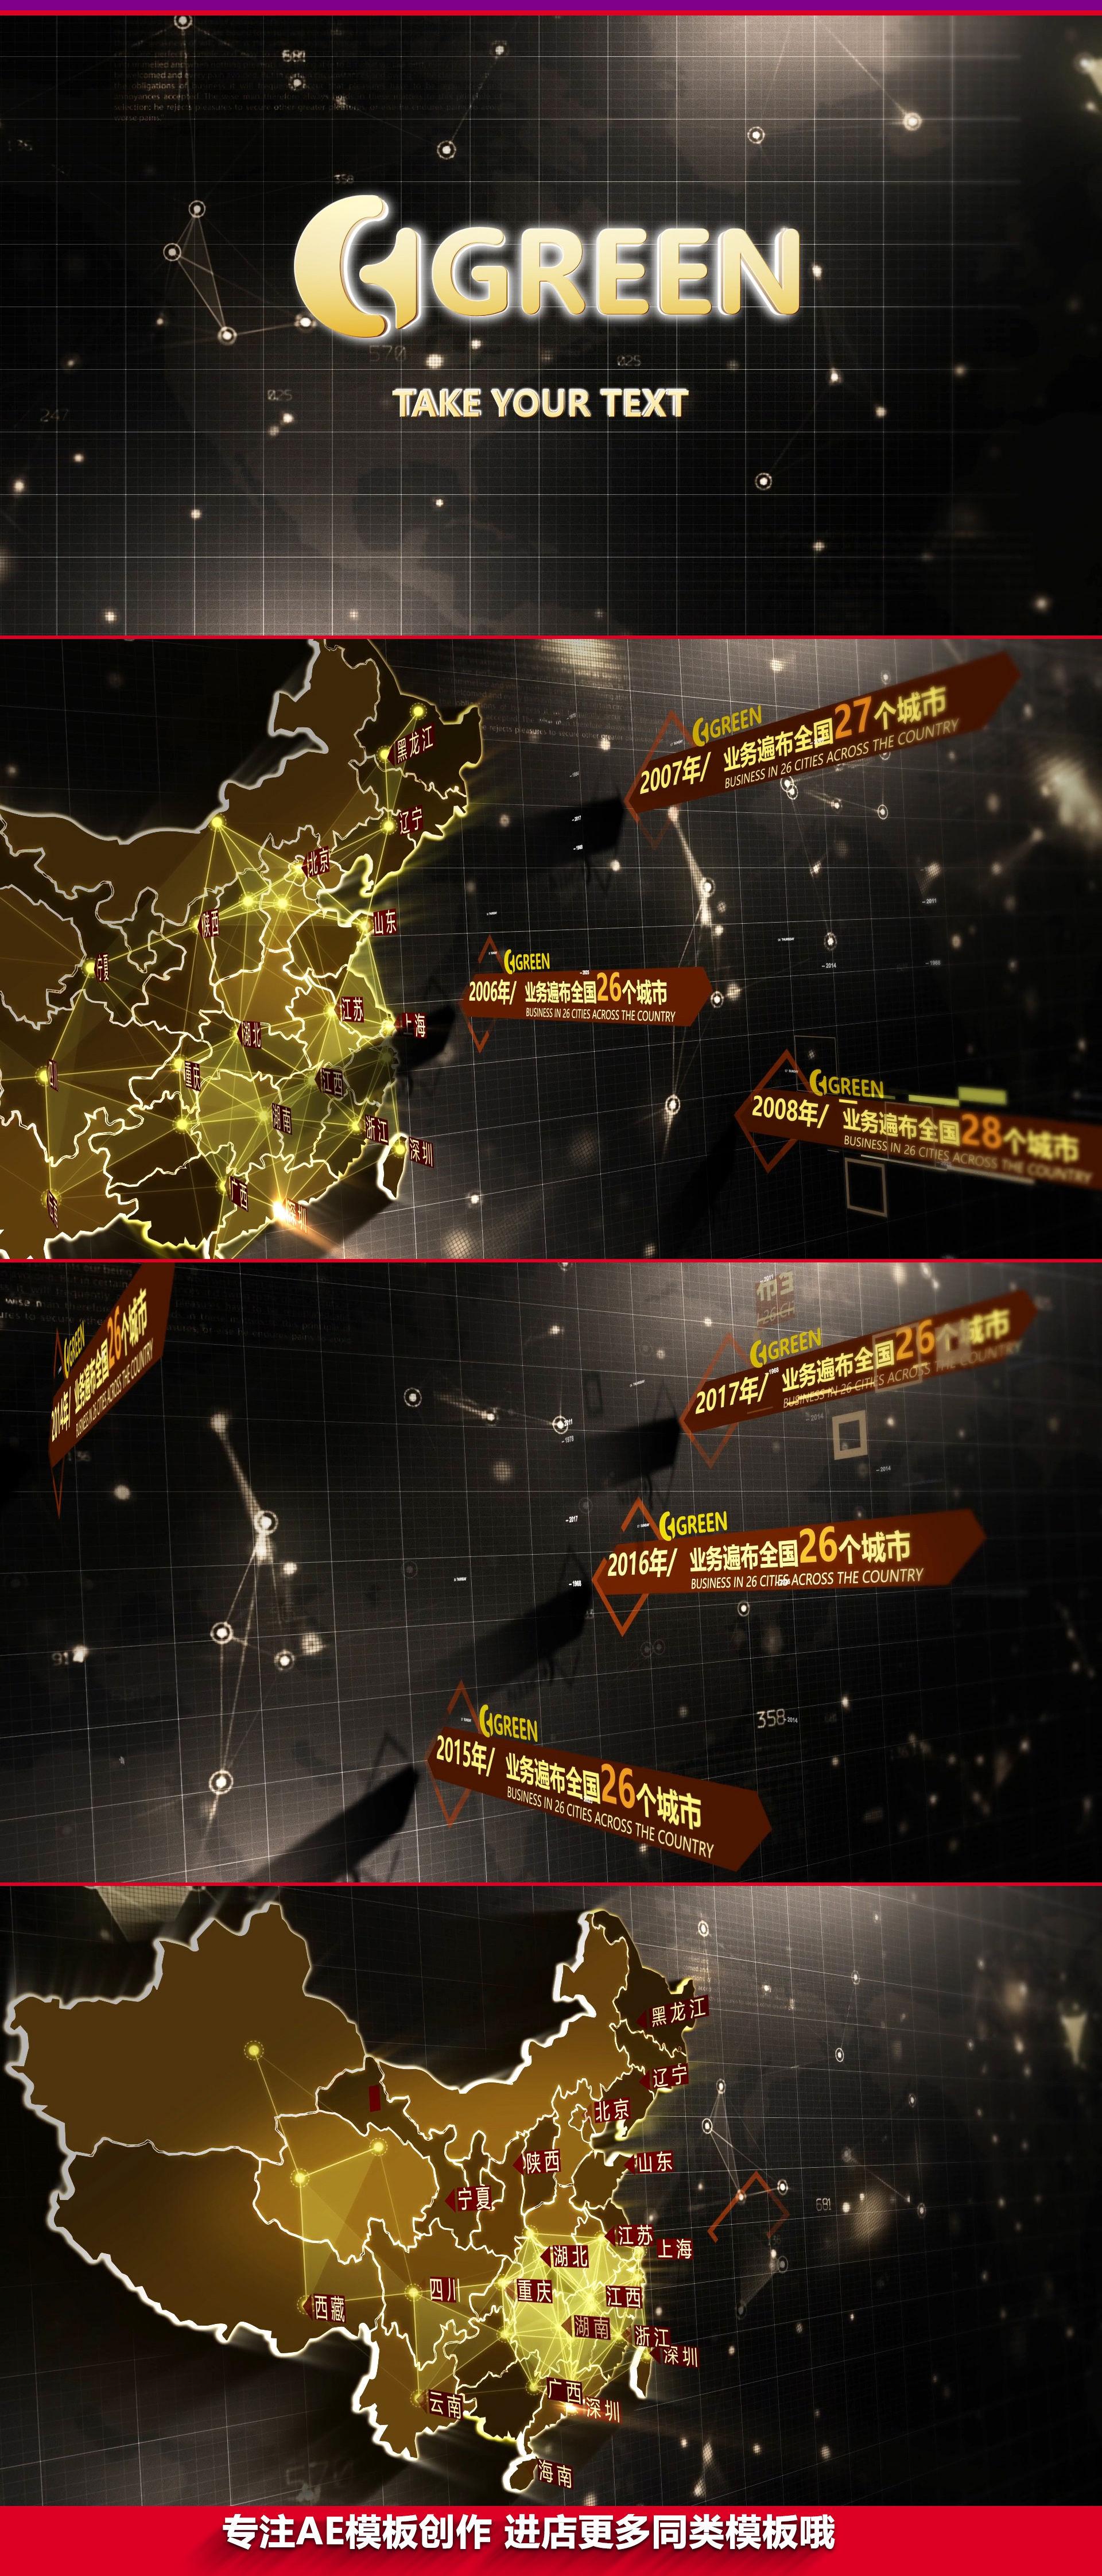 辐射全国地图分布数据模板